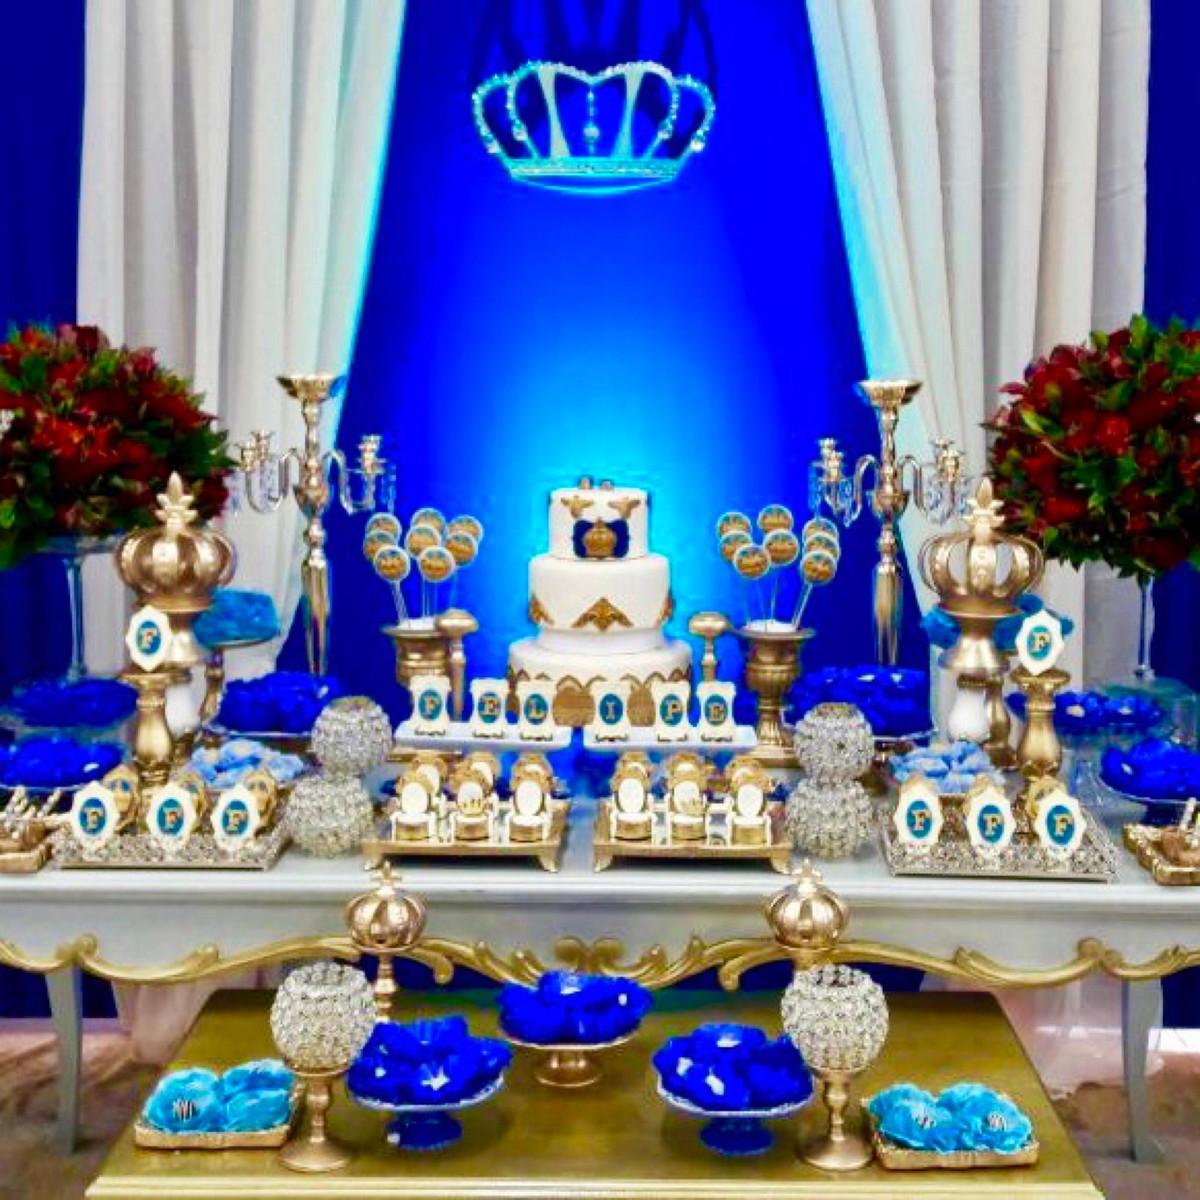 Festa Príncipe Realeza p Locaç u00e3o no Elo7 L M Decora Festas (9B6B6E) -> Decoração De Festa Infantil Realeza Luxo